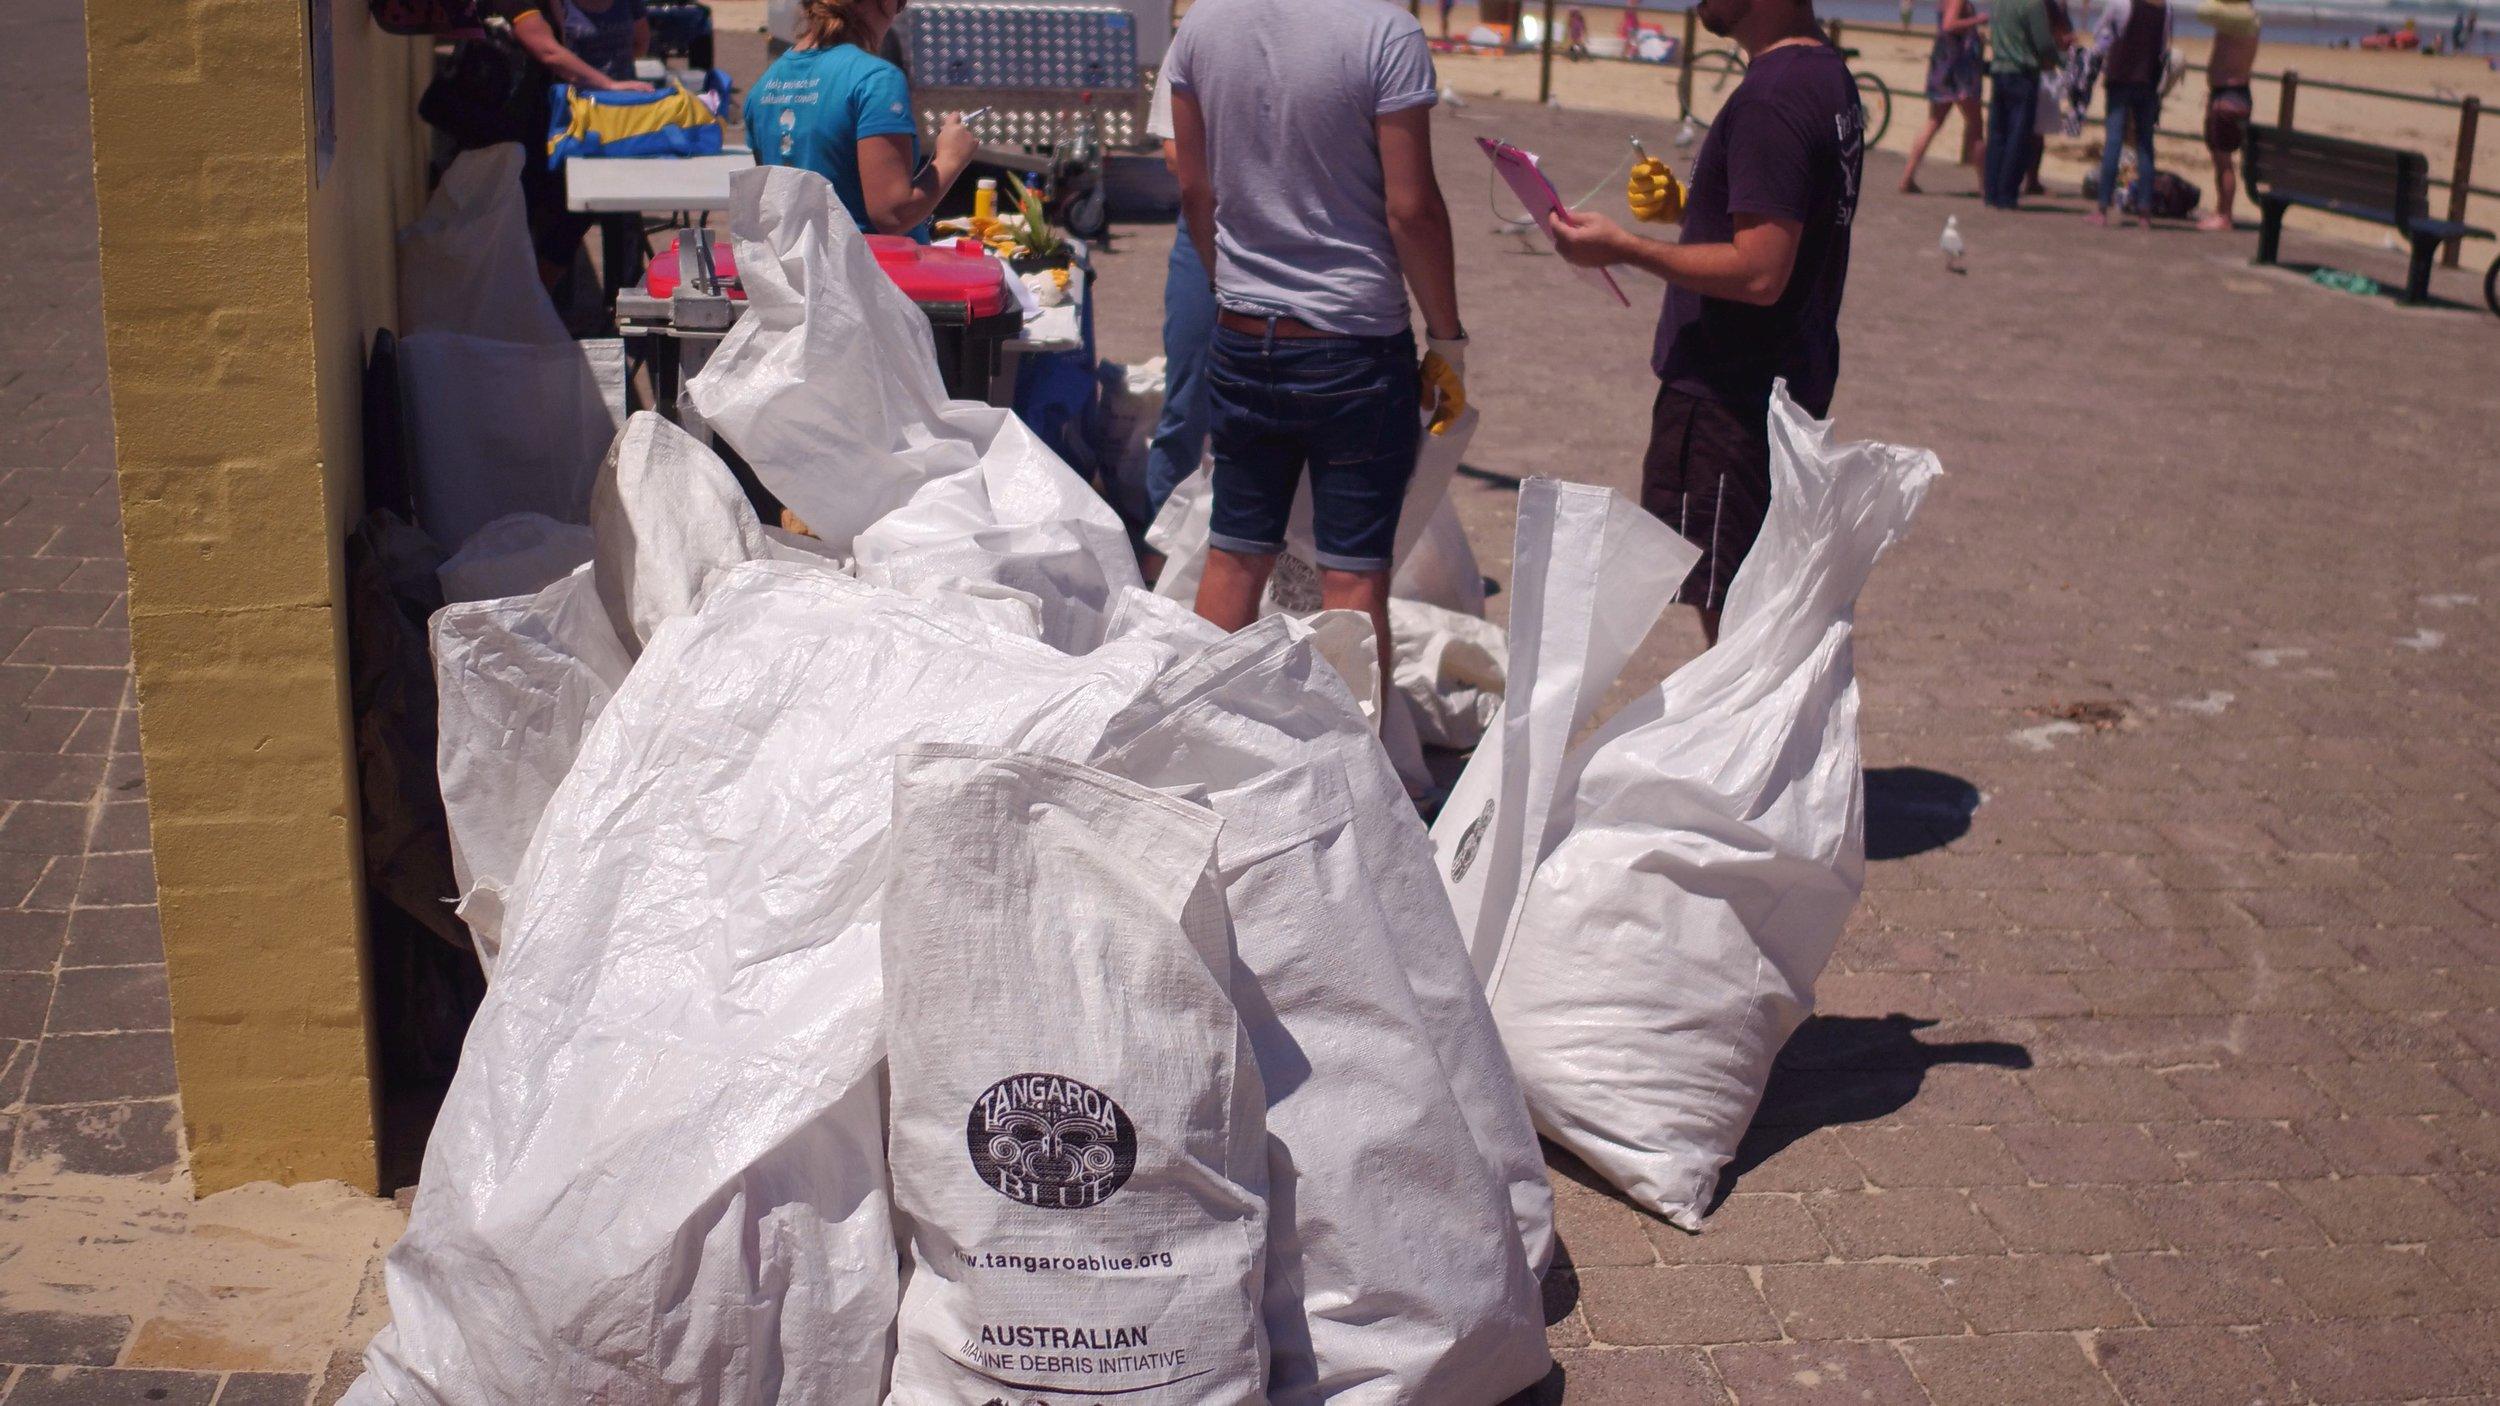 The haul, all 85kgs of it!